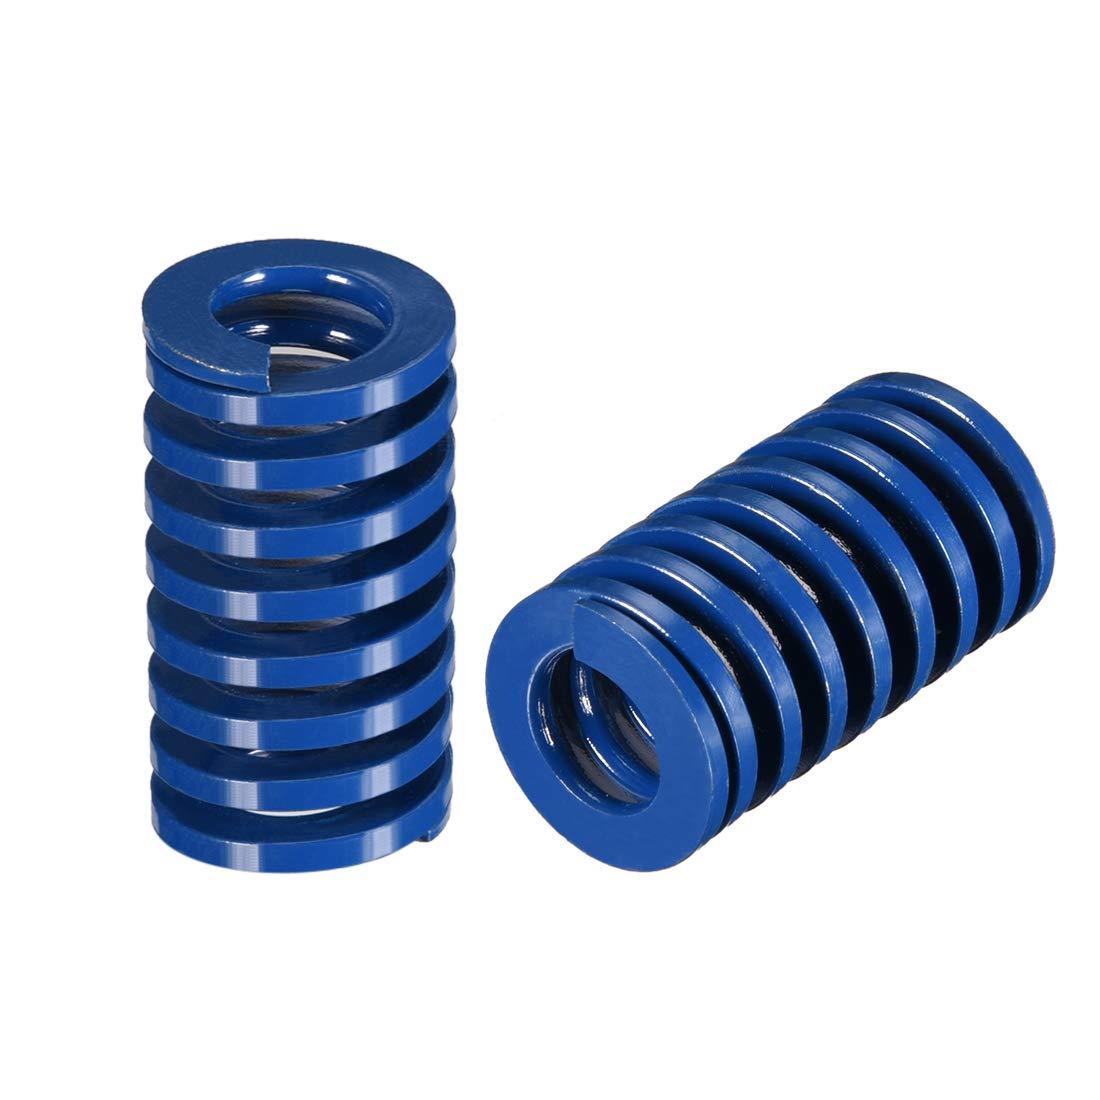 sourcing map 20mm OD 35mm Long Spiral Stamping Light Load Compression Mould Die Spring Blue 2Pcs